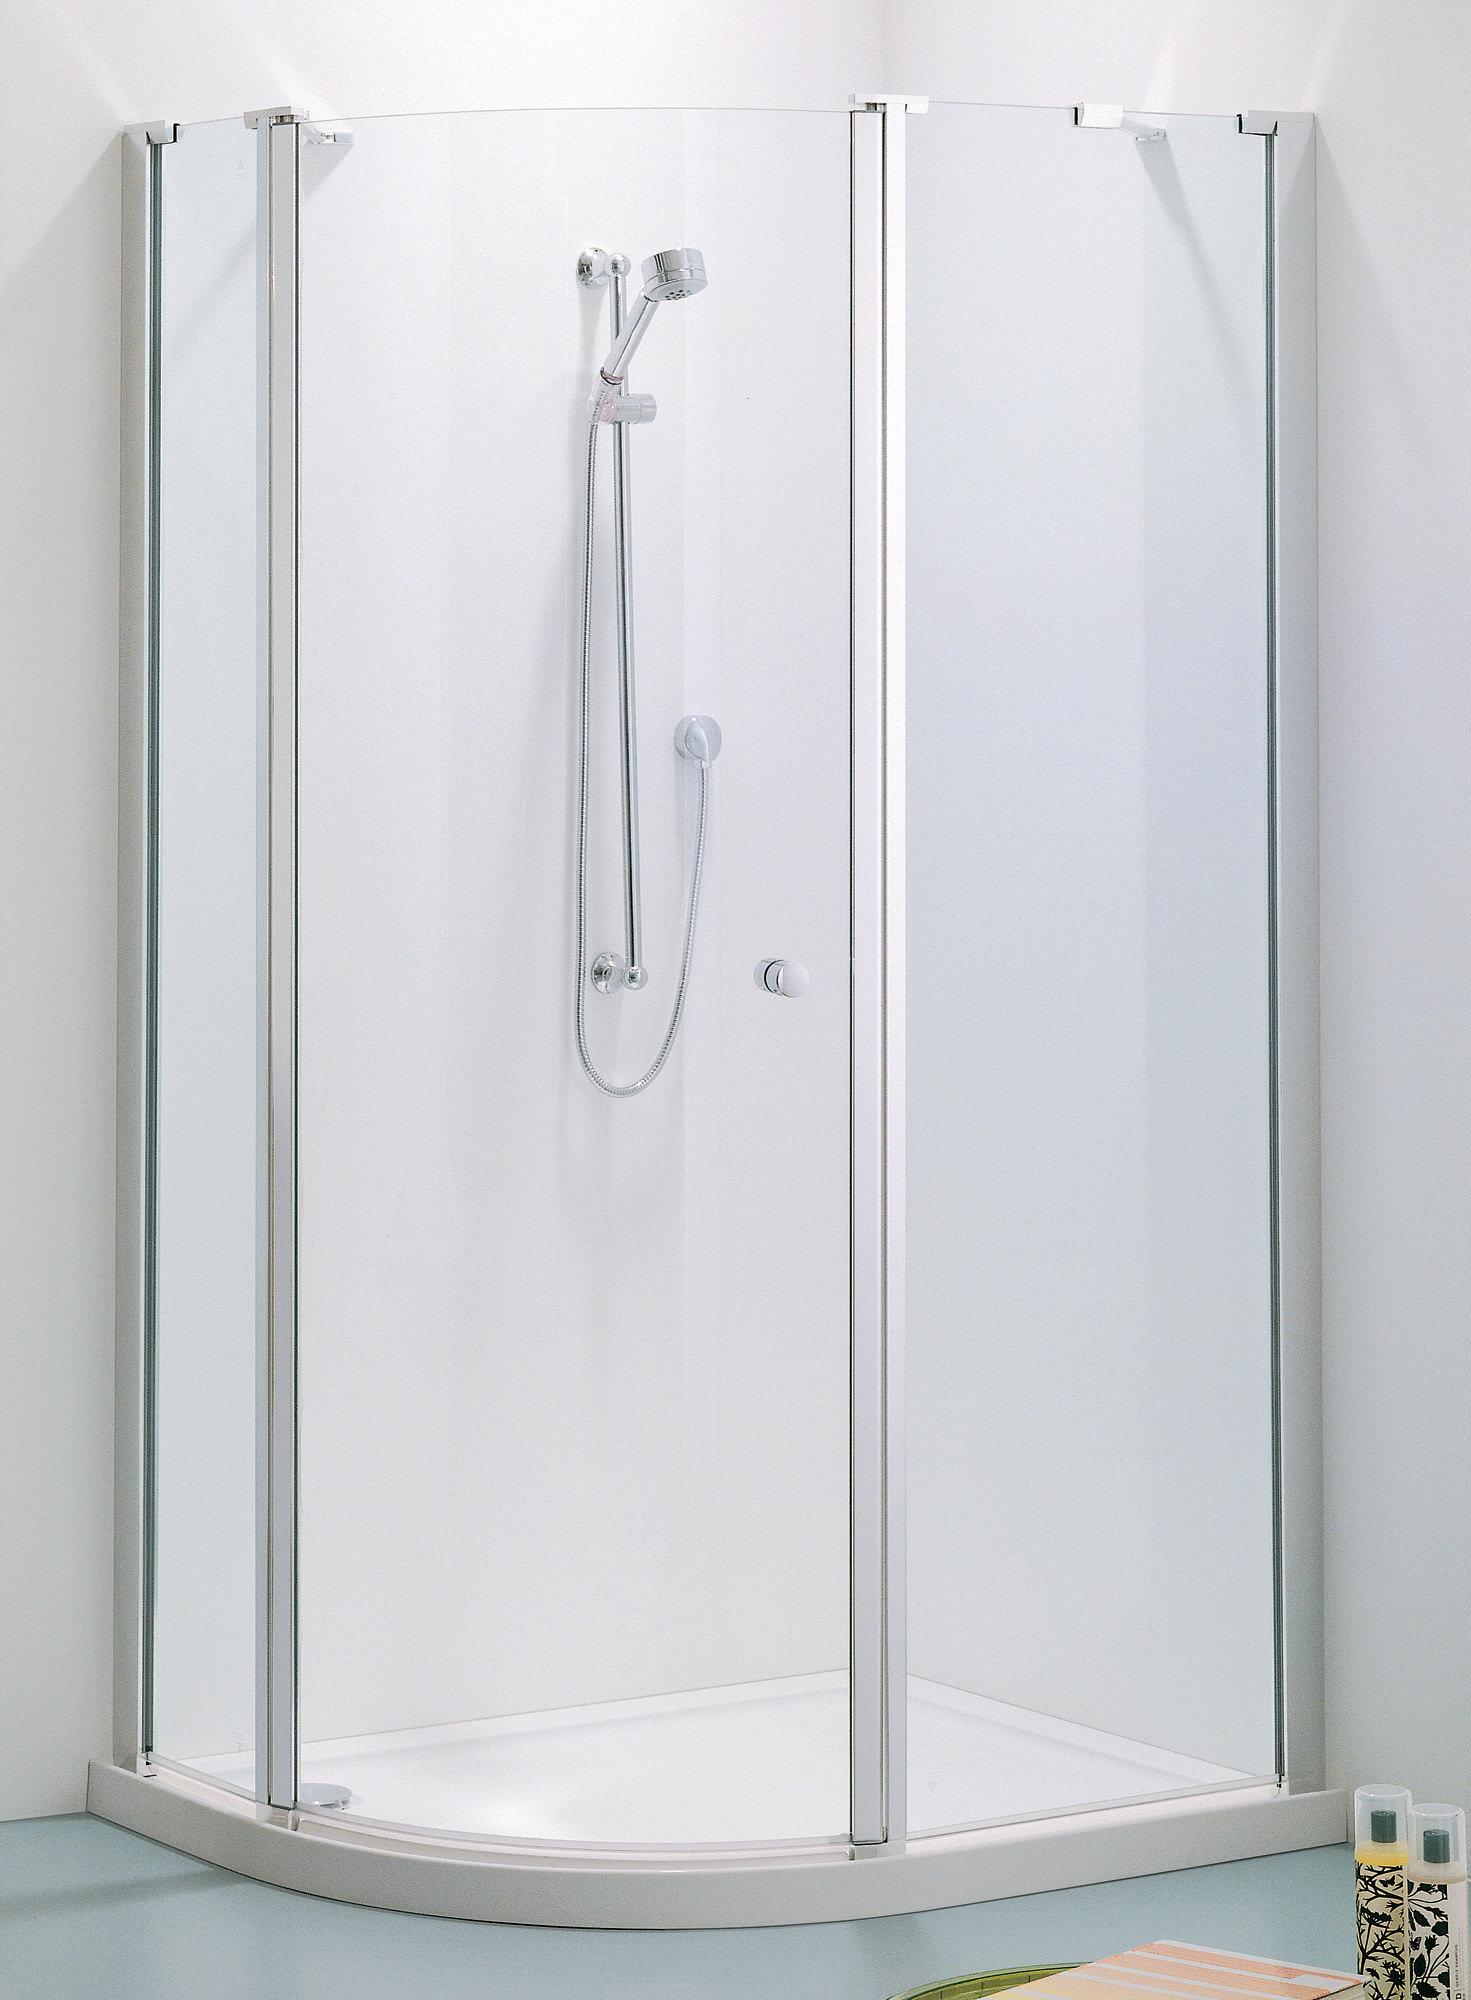 Adamsez offset quadrant hinged door enclosure 1200 x 900 for 1200 shower door hinged